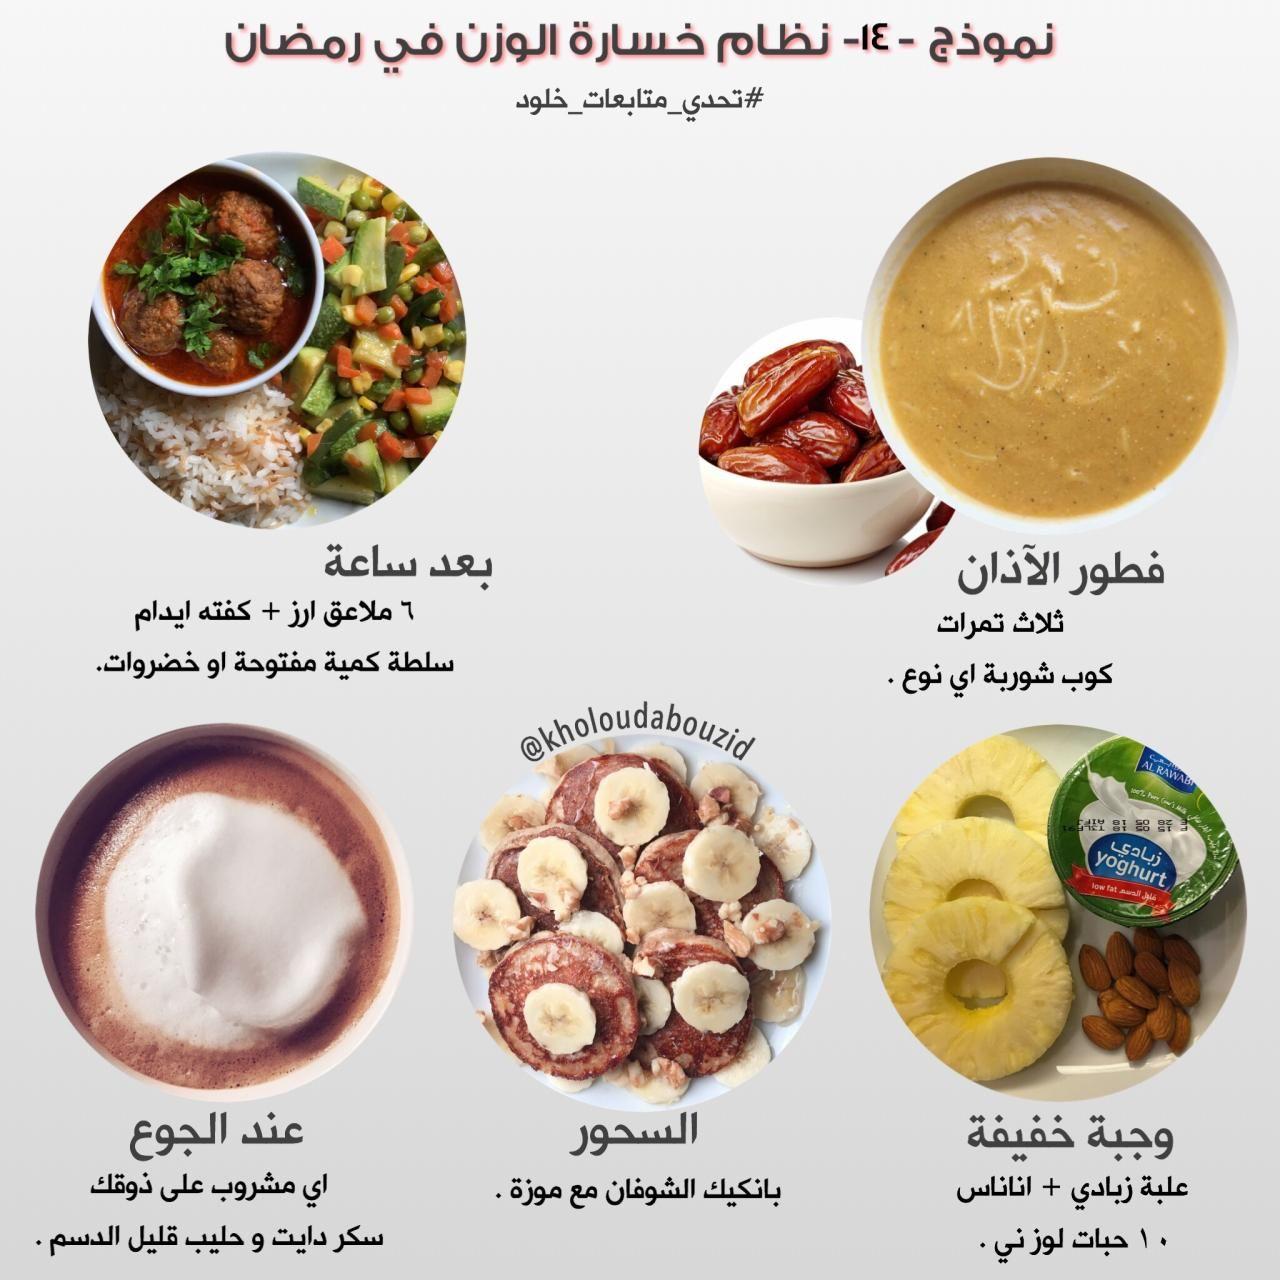 نموذج لرجيم رمضان In 2021 Health Facts Food Health Fitness Nutrition Healty Food